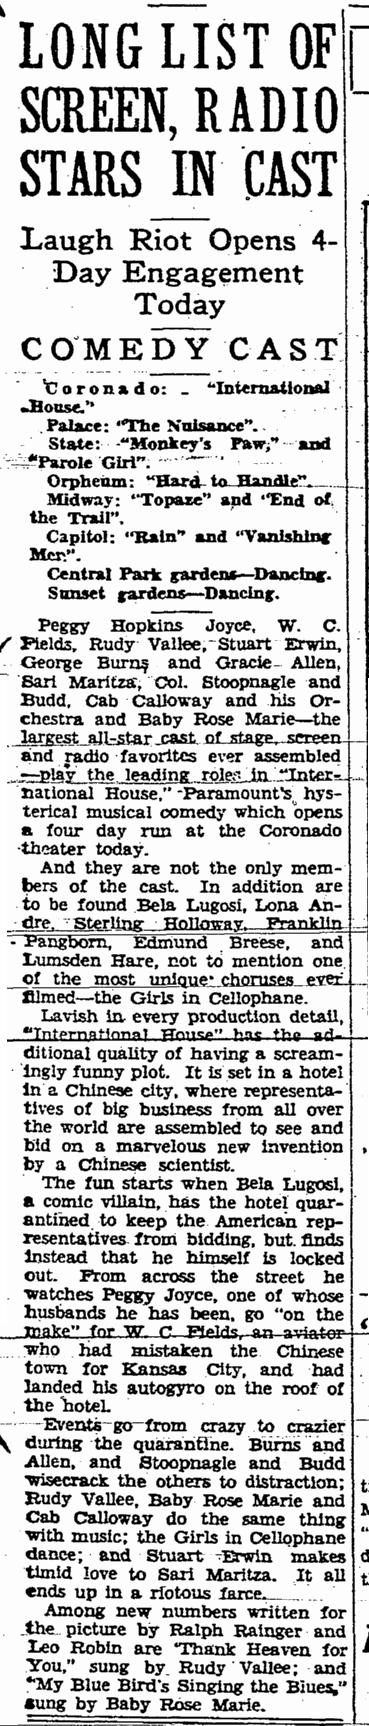 International House, Rockford Morning Star, July, 9, 1933